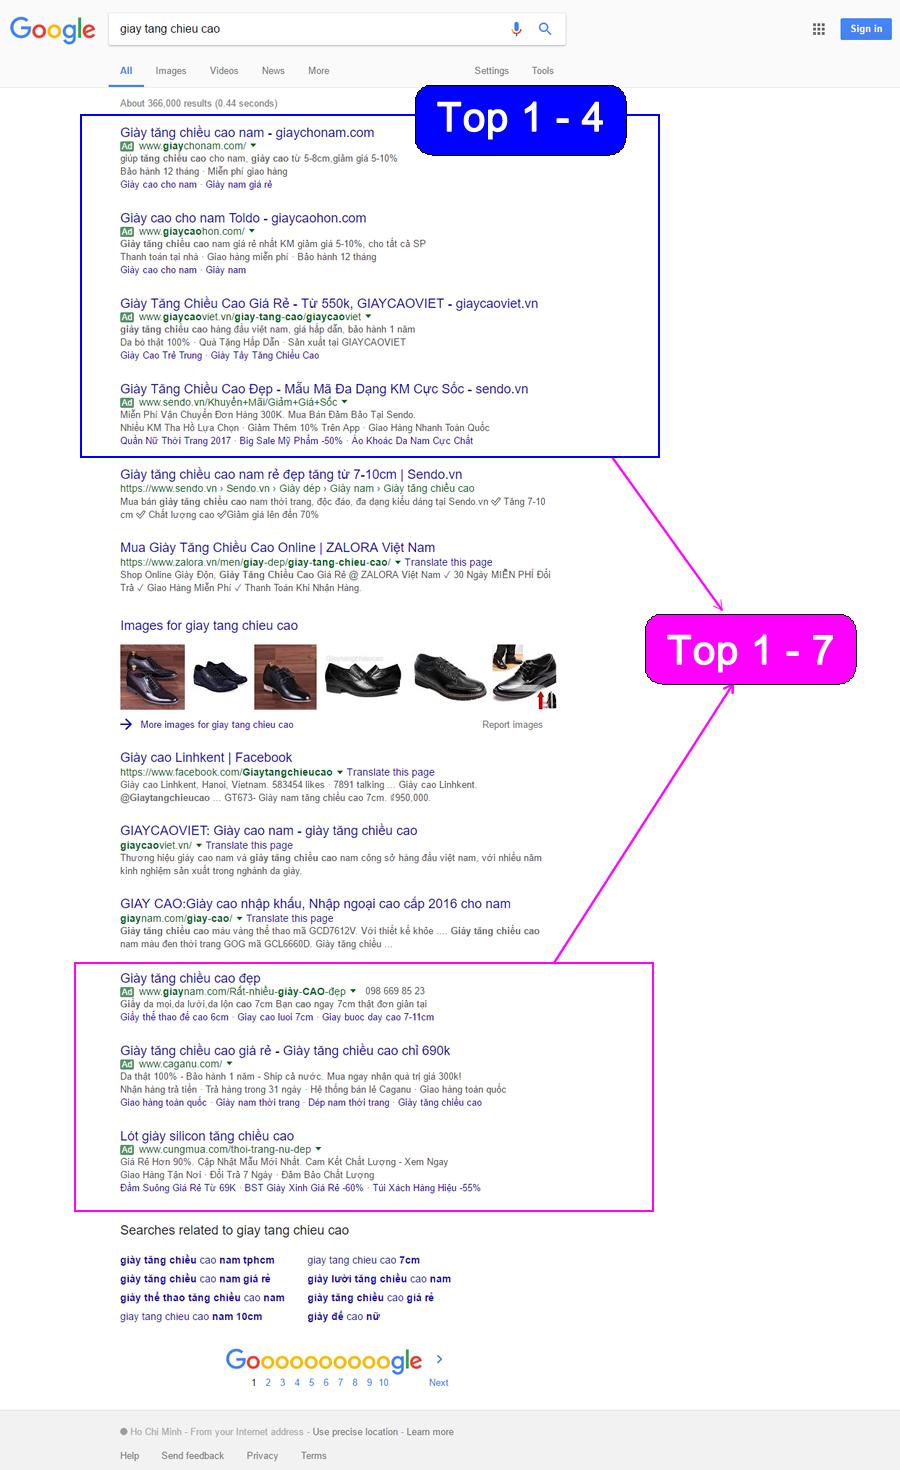 Quảng Cáo Google Giá Rẻ, Quảng Cáo Giá Rẻ. Có 1345304 Xem  - trang 1